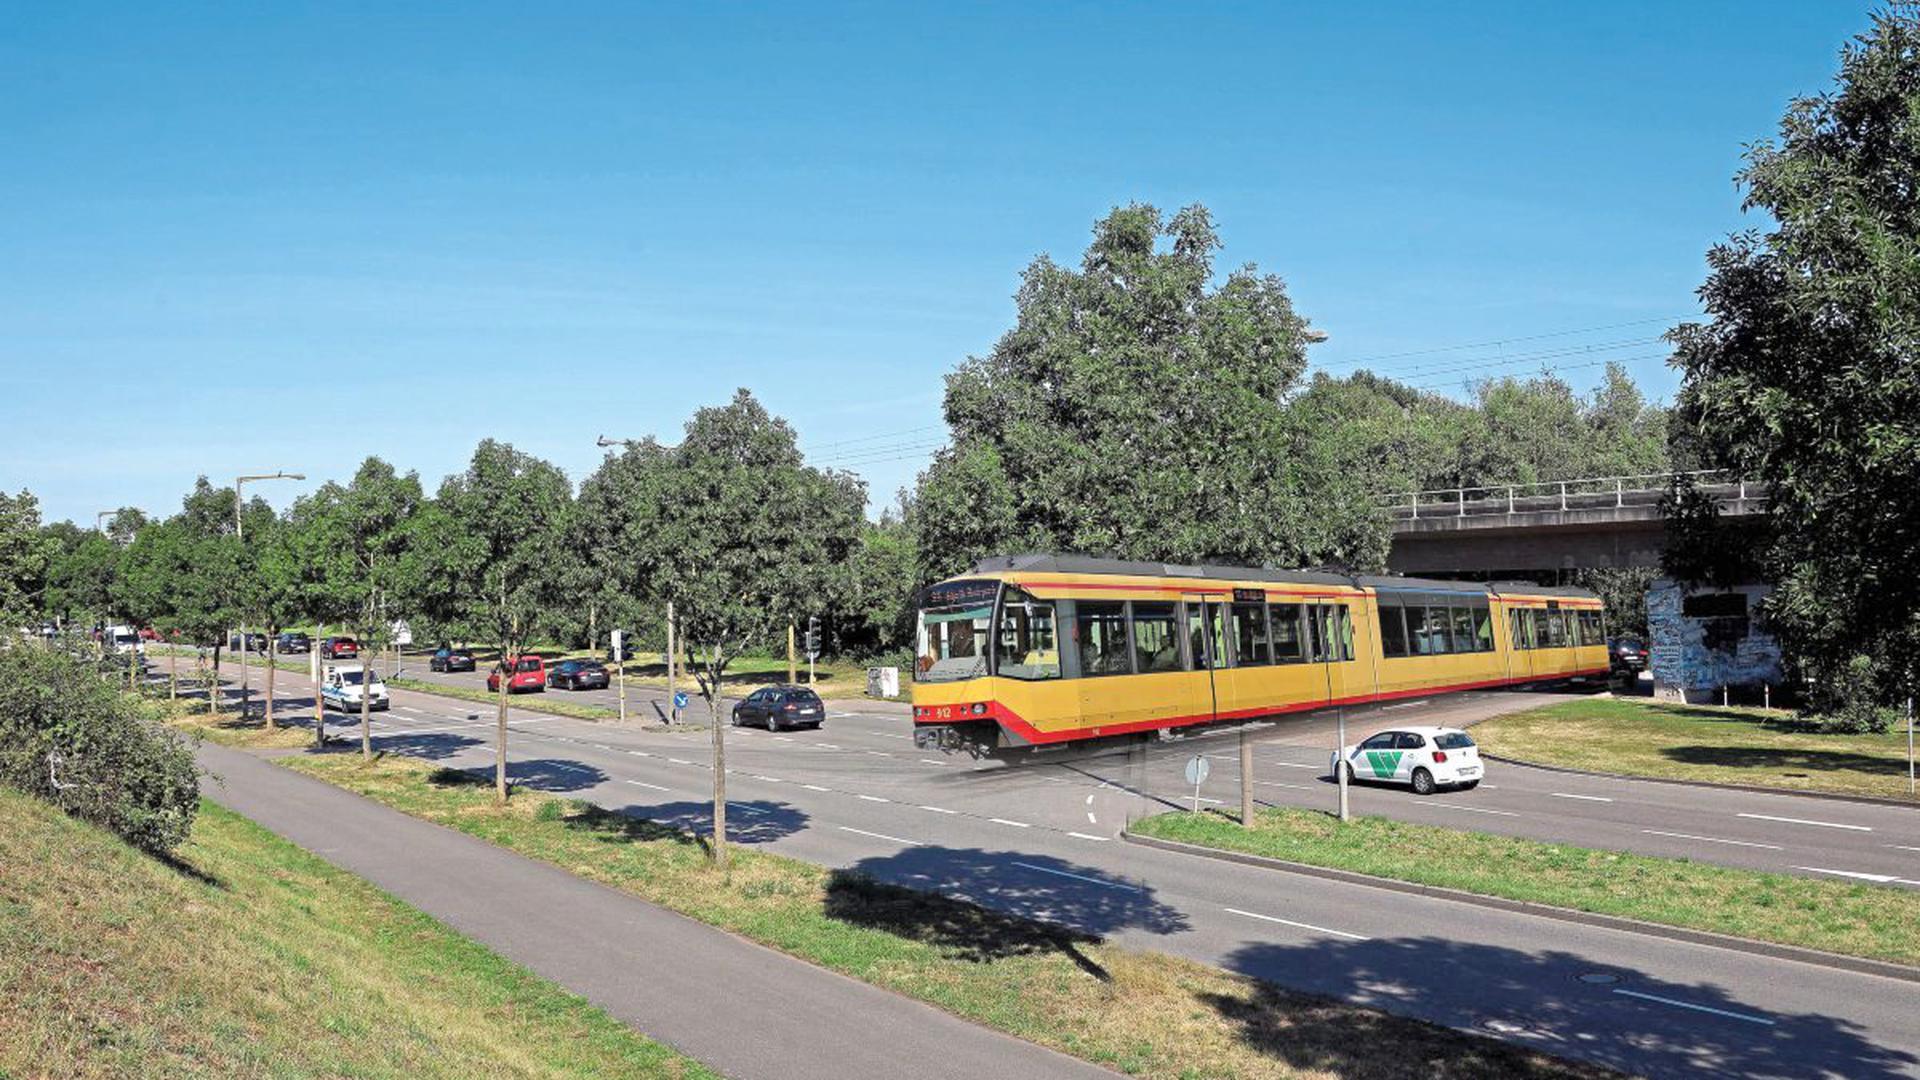 Unter den DB-Gleisen hindurch geradewegs über den viel befahrenen Ostring hinweg – wie es diese BNN-Collage zeigt – soll die S31/32 voraussichtlich ab 2024 in die Karlsruher Innenstadt fahren.